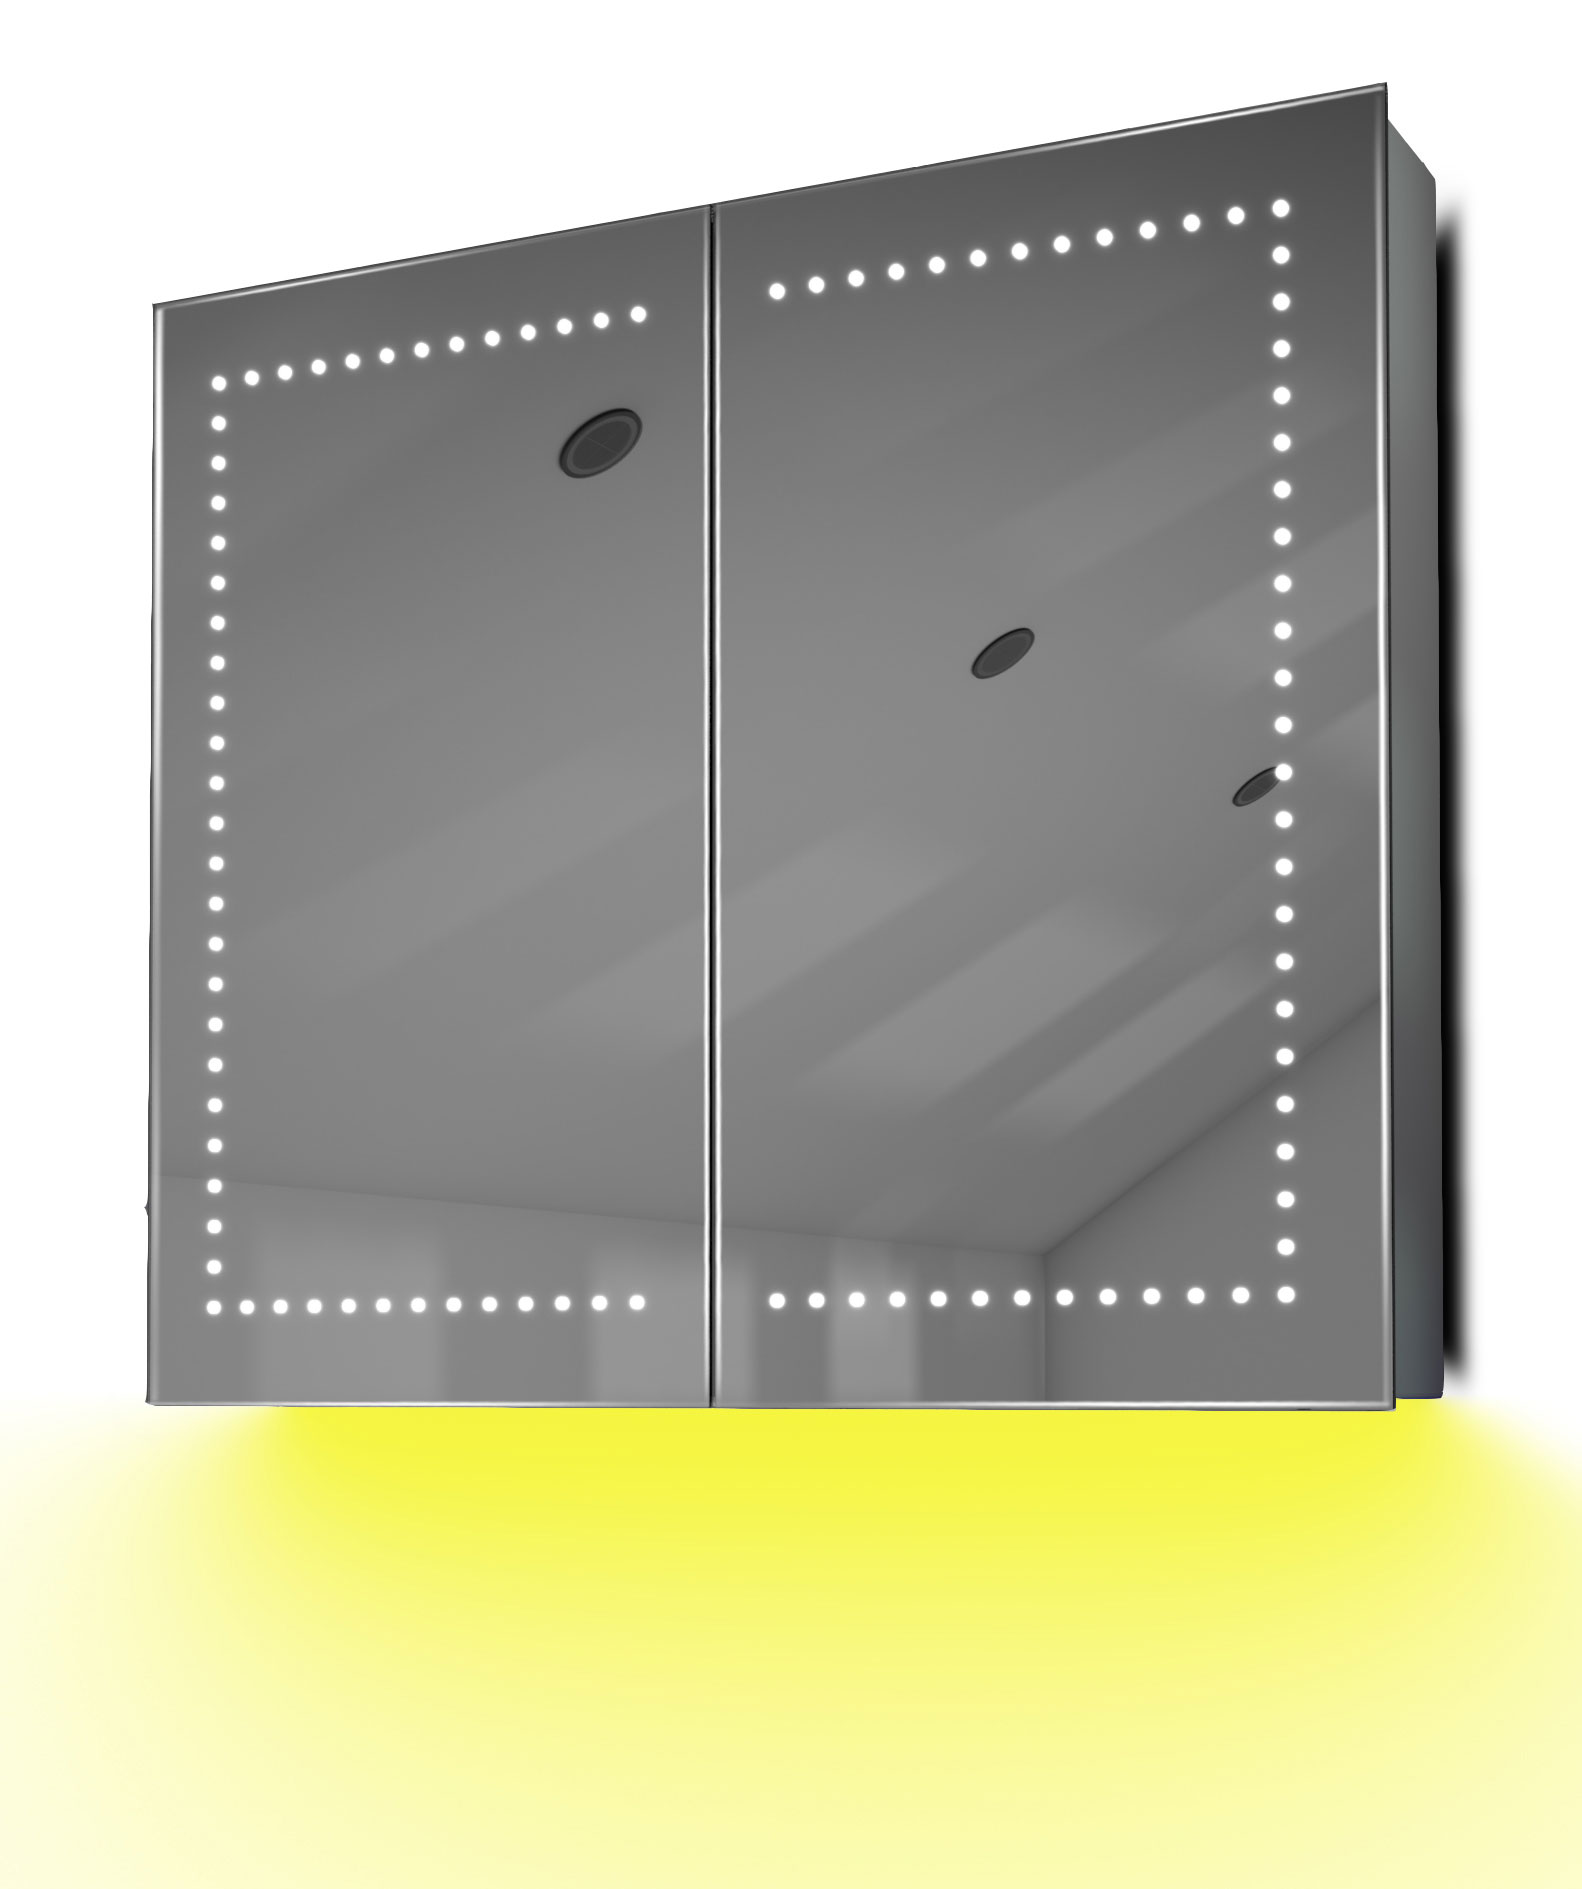 armoire de toilette anti bu e avec capteur et prise rasoir int rieure k365y ebay. Black Bedroom Furniture Sets. Home Design Ideas